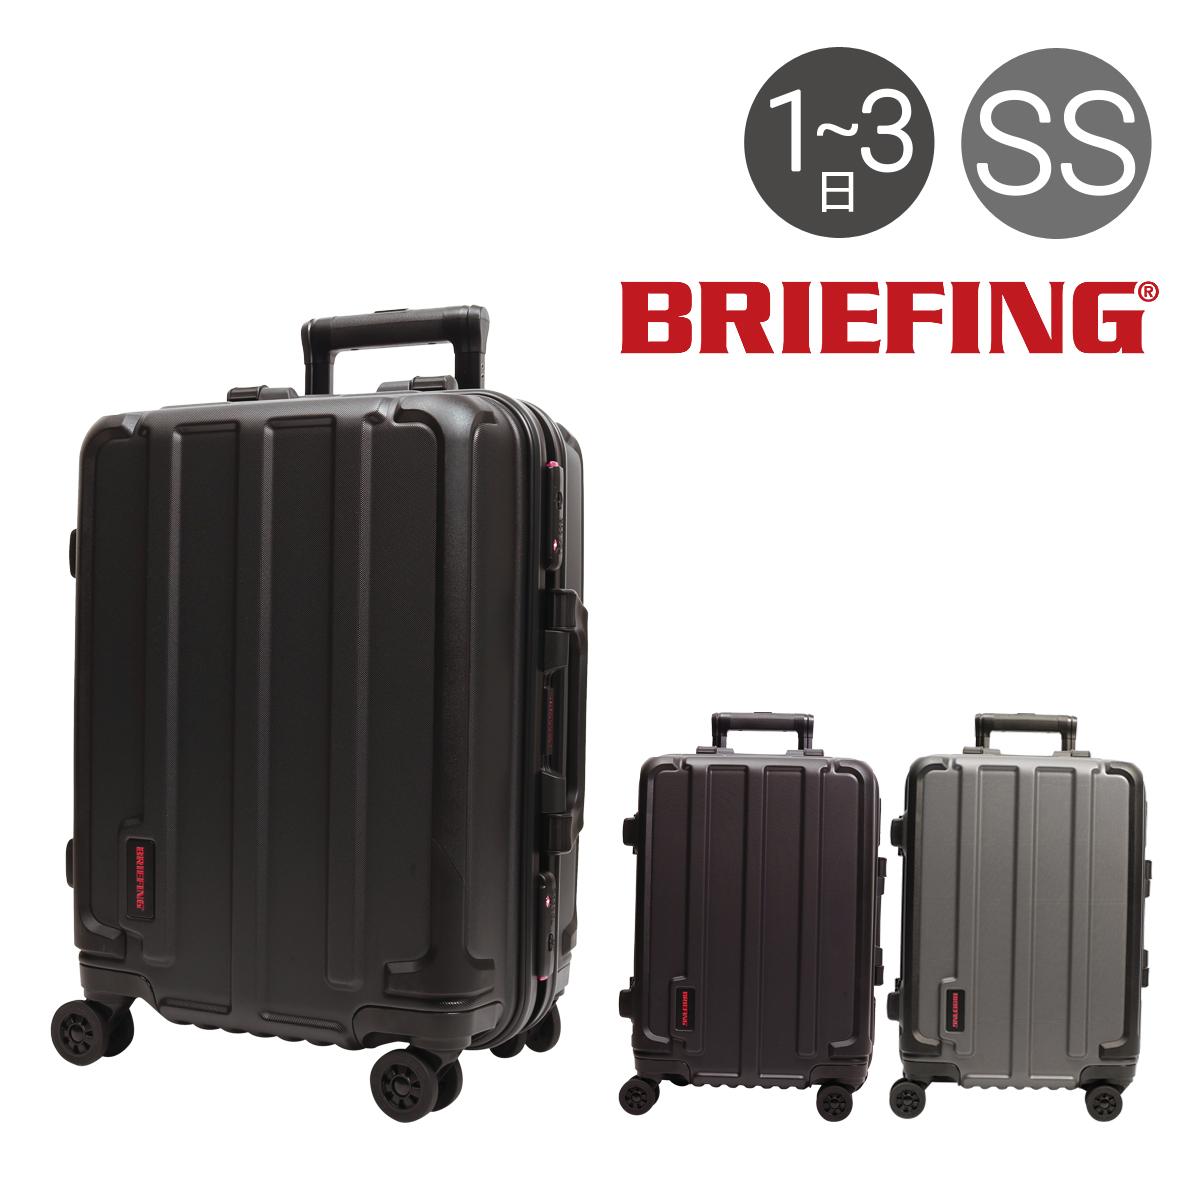 ブリーフィング スーツケース 35L 52cm 4.1kg メンズ BRA191C04 BRIEFING | ハードフレーム | H-35 HD キャリーバッグ キャリーケース ビジネスキャリー ハードキャリー [PO10][即日発送]